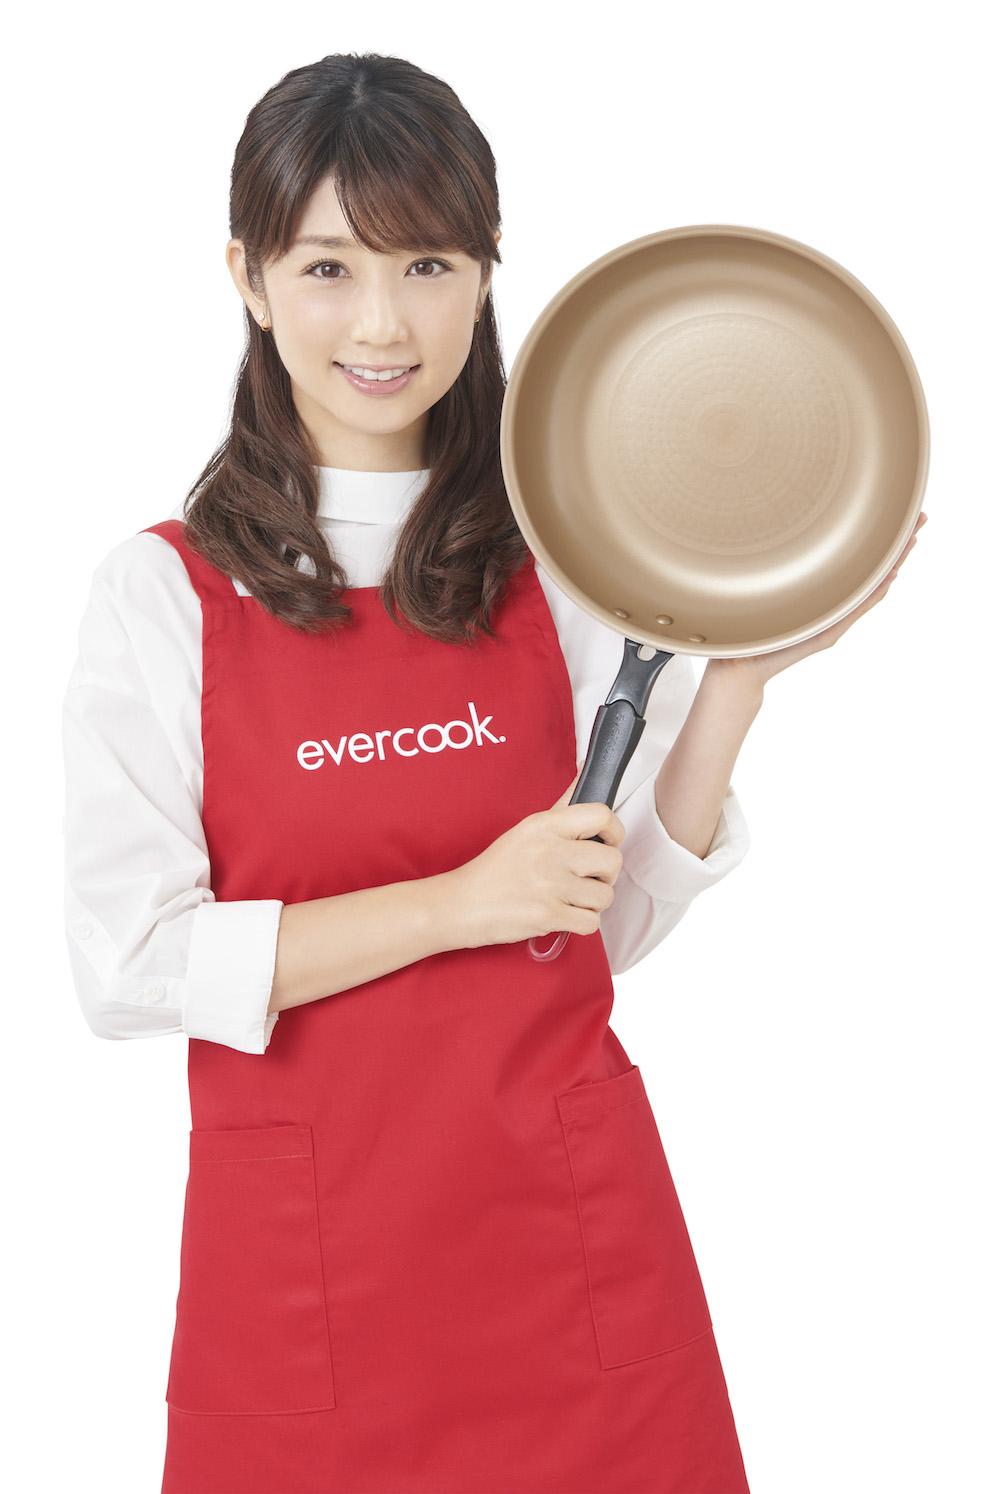 小倉 優子 (おぐら ゆうこ)『evercook』フライパンのイメージキャラクター